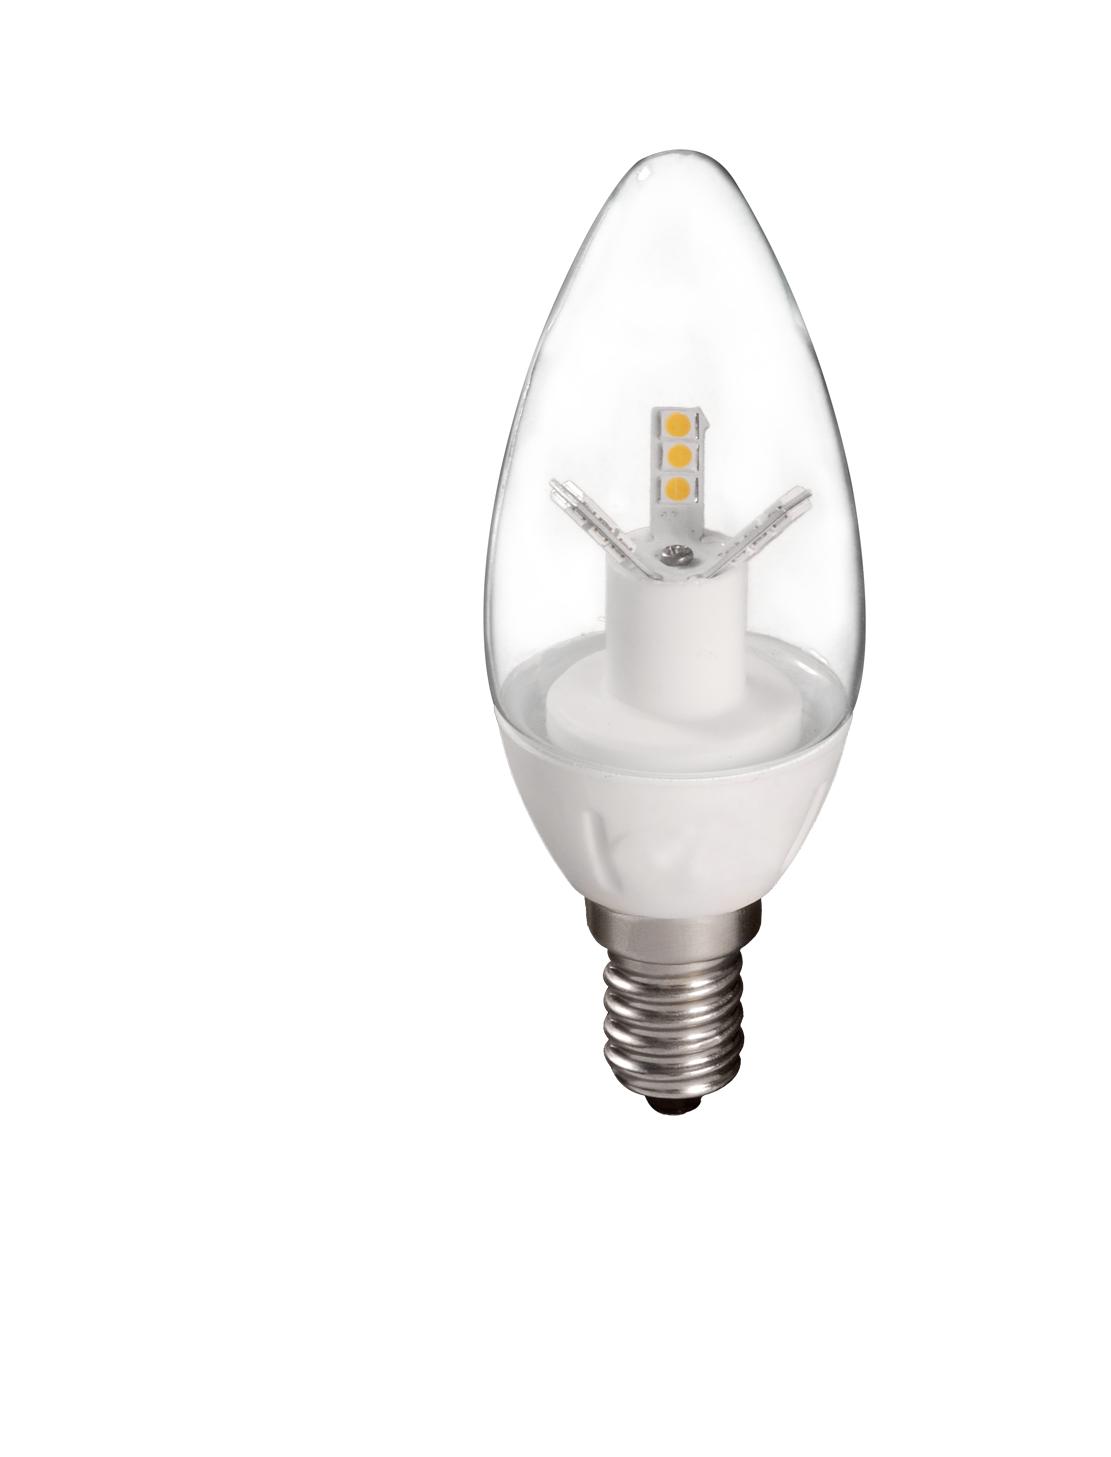 Bombilla Vela LED Transparente 4W E14 en detalle